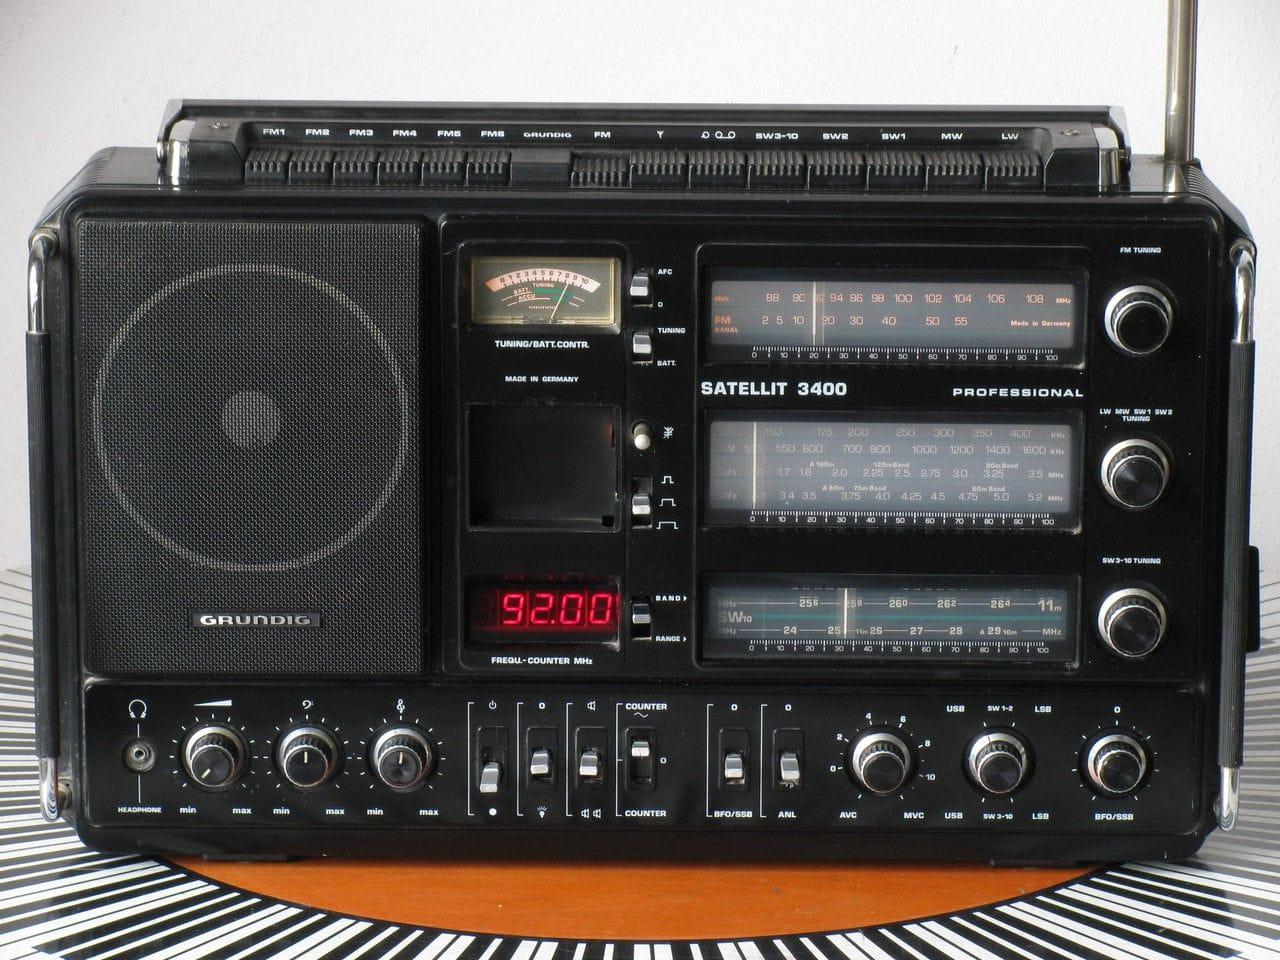 Grundig Radio Lookup Beforebuying